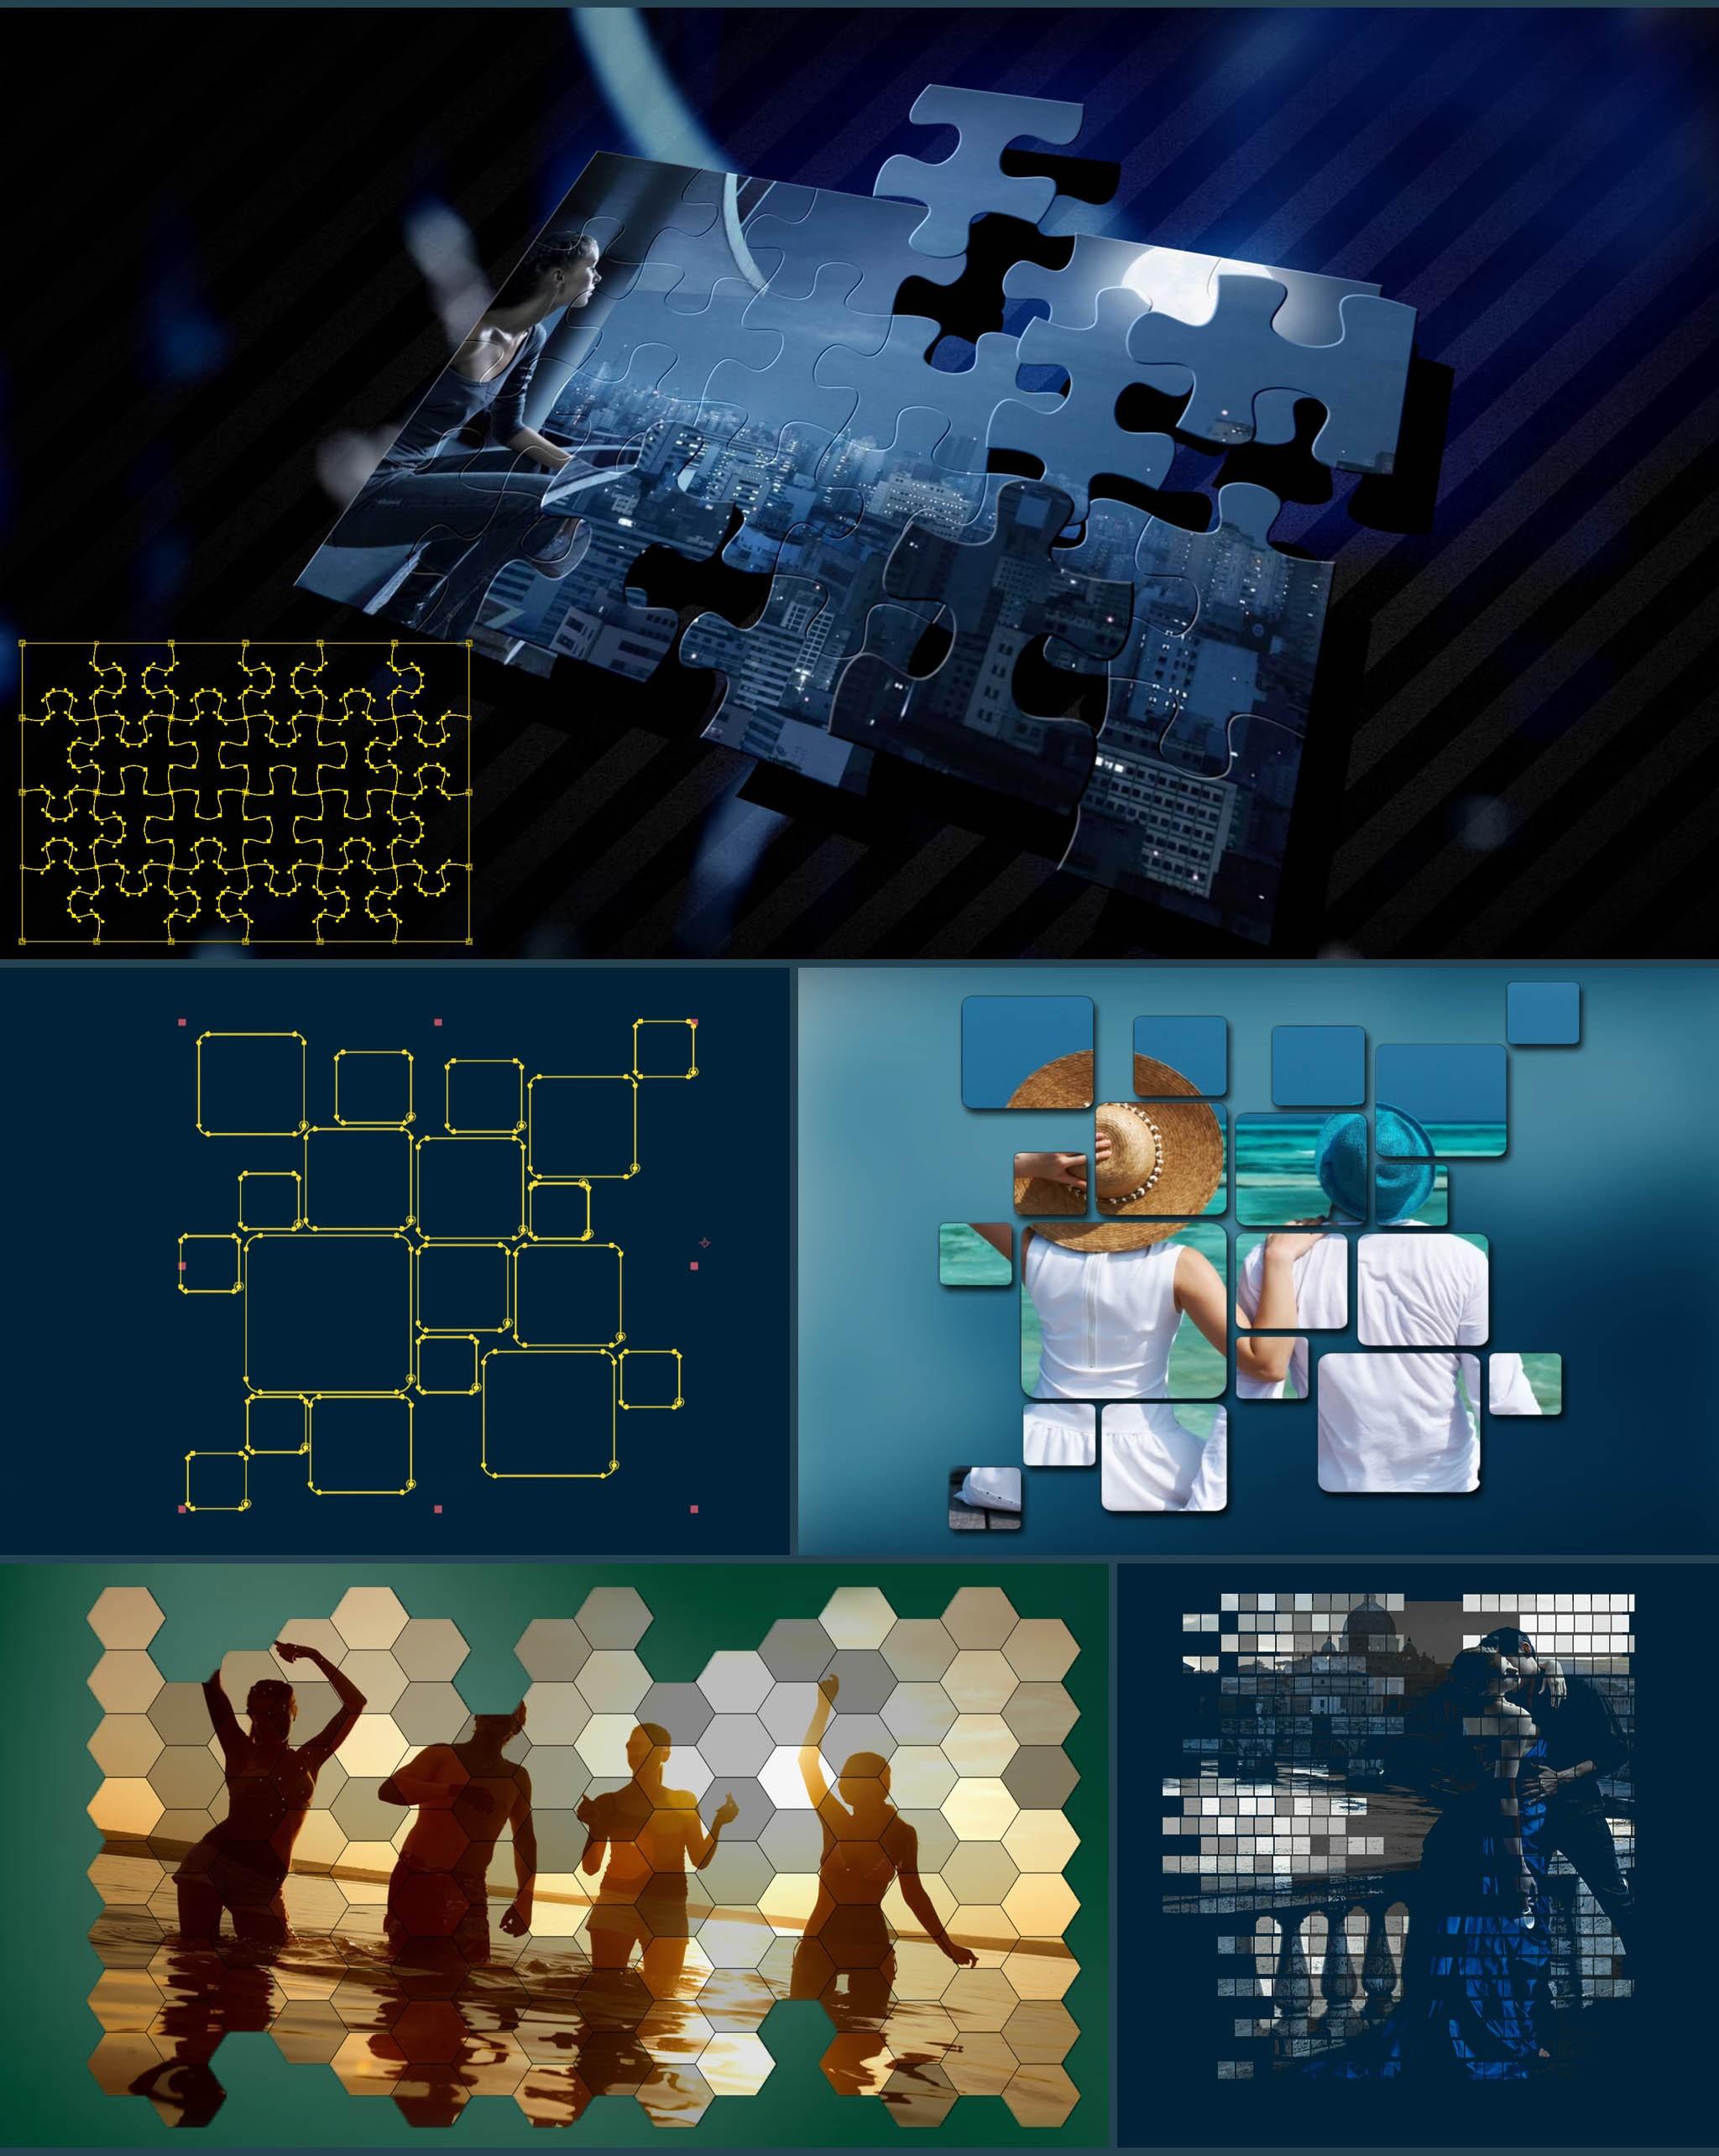 中文汉化AE脚本-AEscripts Transformer v2.2.1 Win/Mac 快速制作三维透视多画面视频墙扭曲变形画轴卷轴效果创建工具 + 视频教程插图9